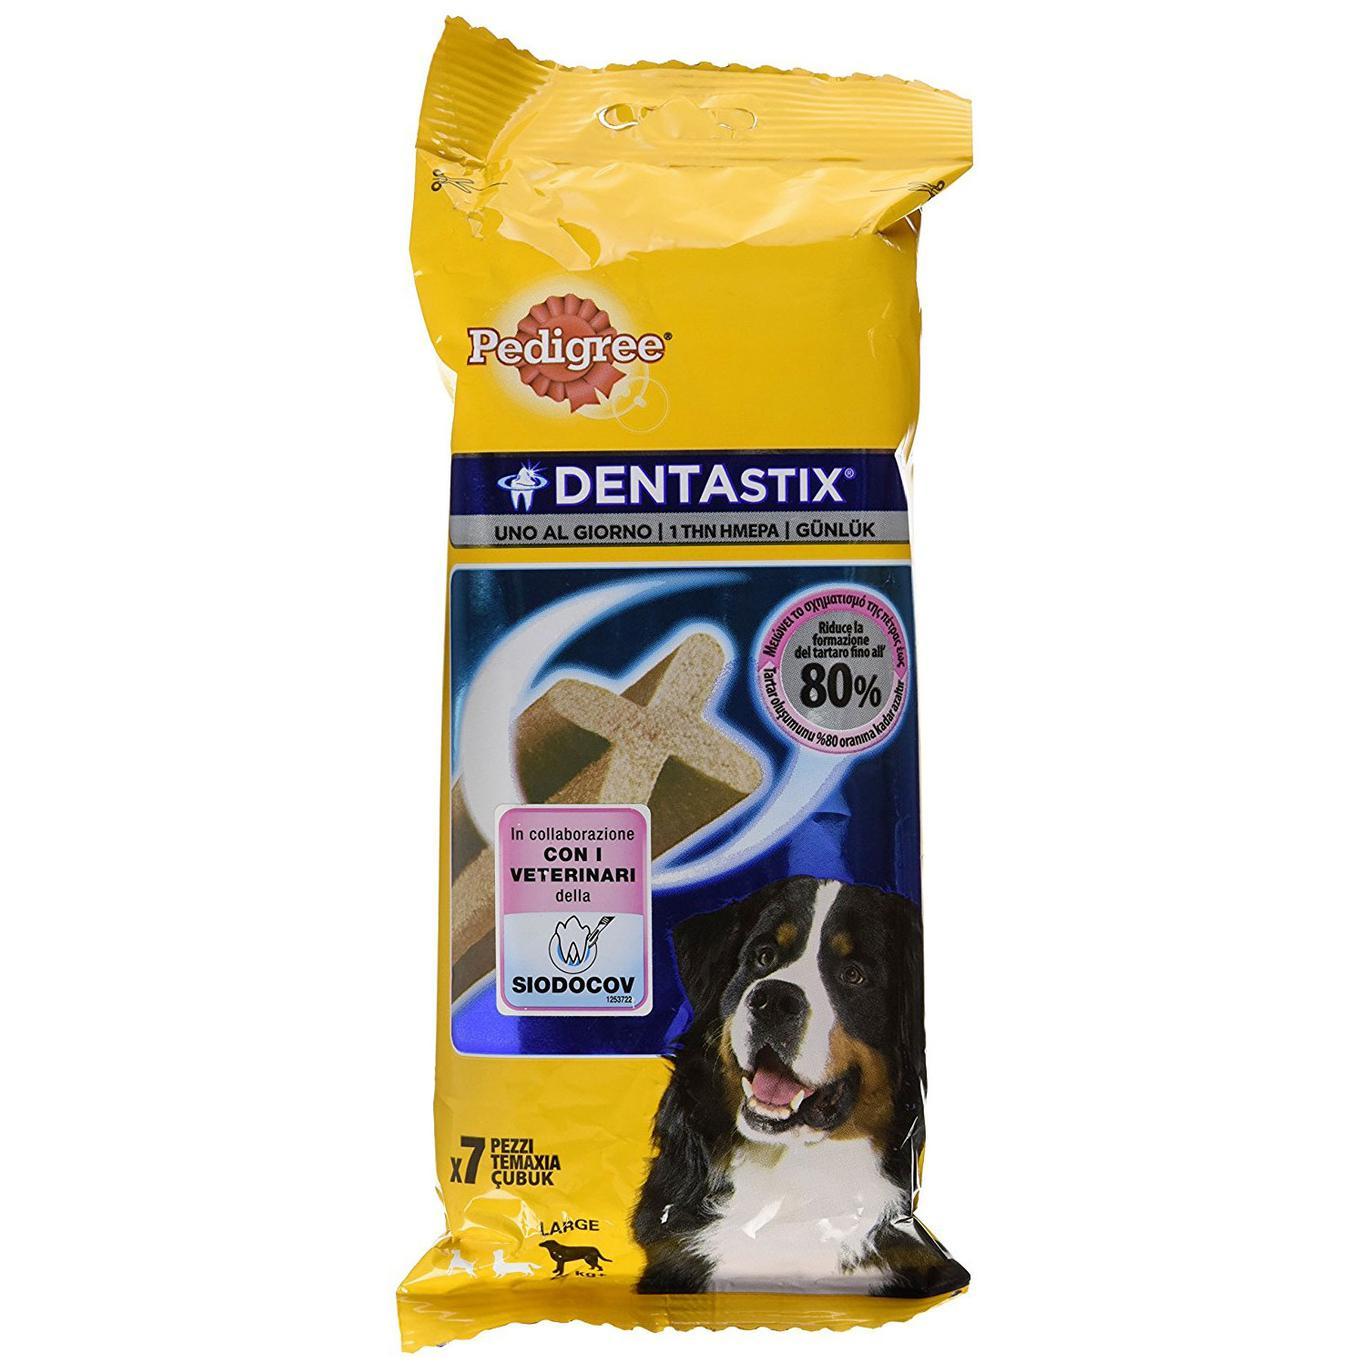 Pedigree Dentastix Uno al Giorno Maxi 25 kg - 7 Pezzi da 270 gr